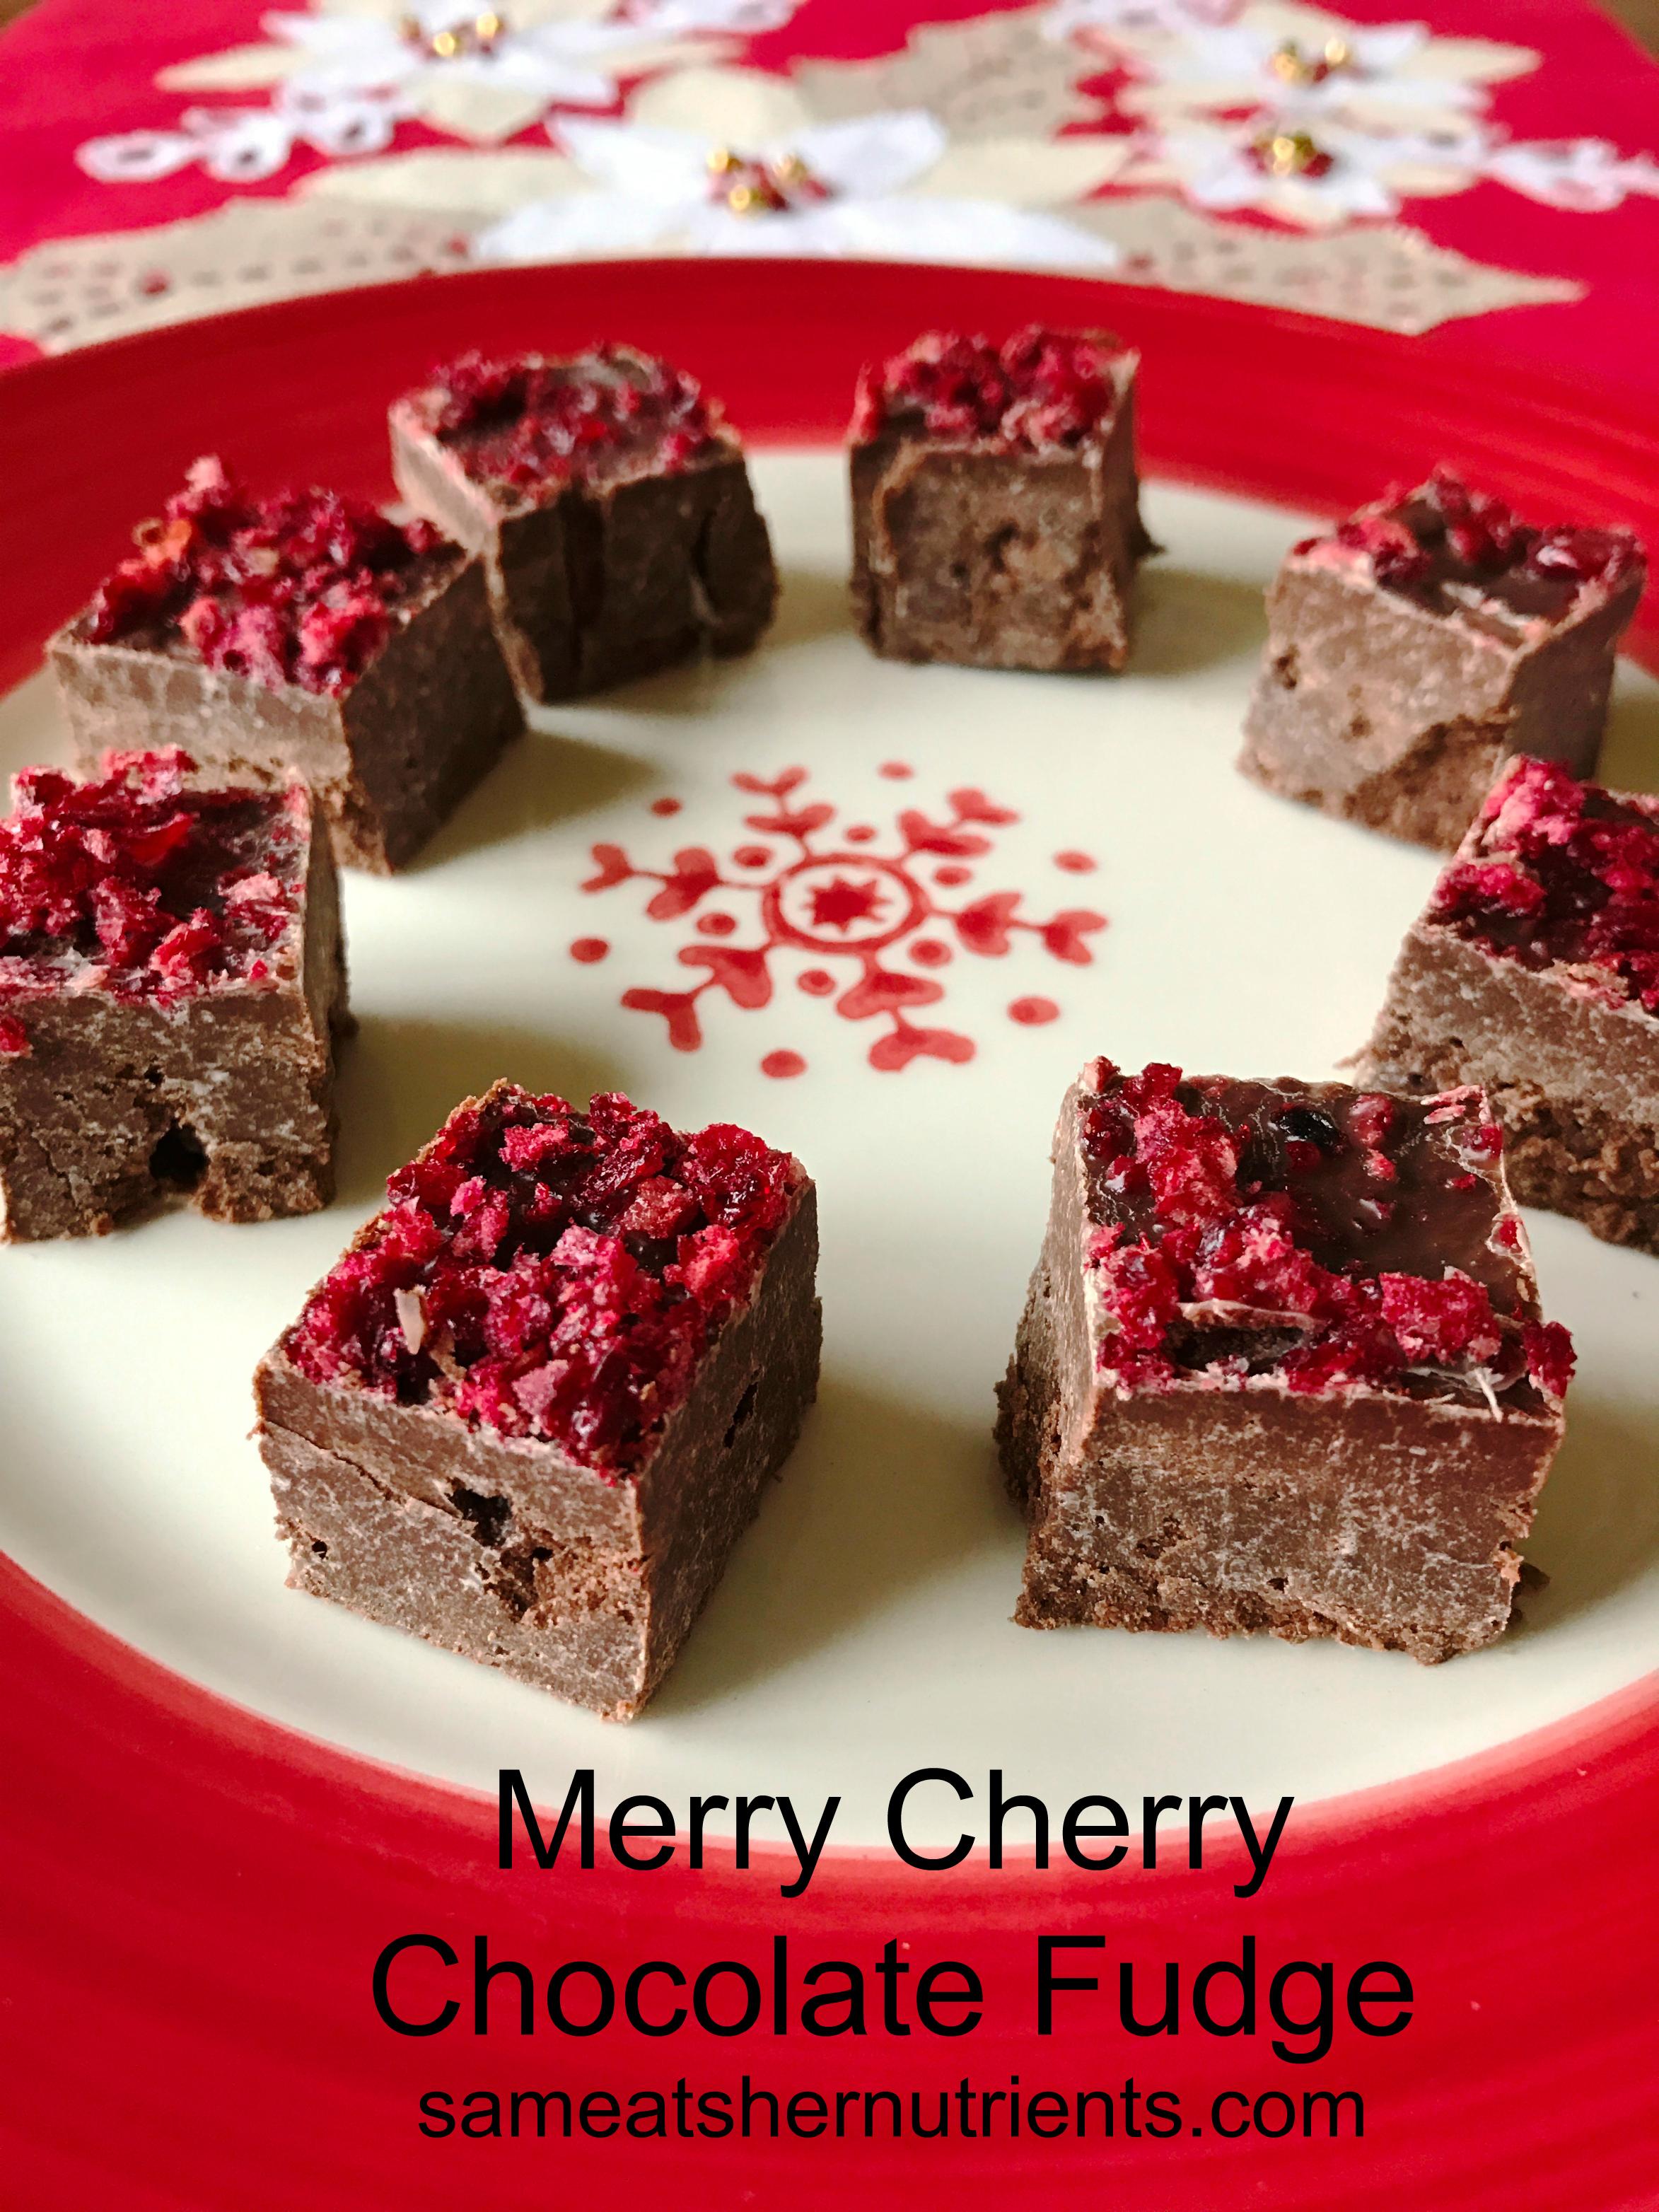 merry-cherry-fudge-gluten-and-dairy-free